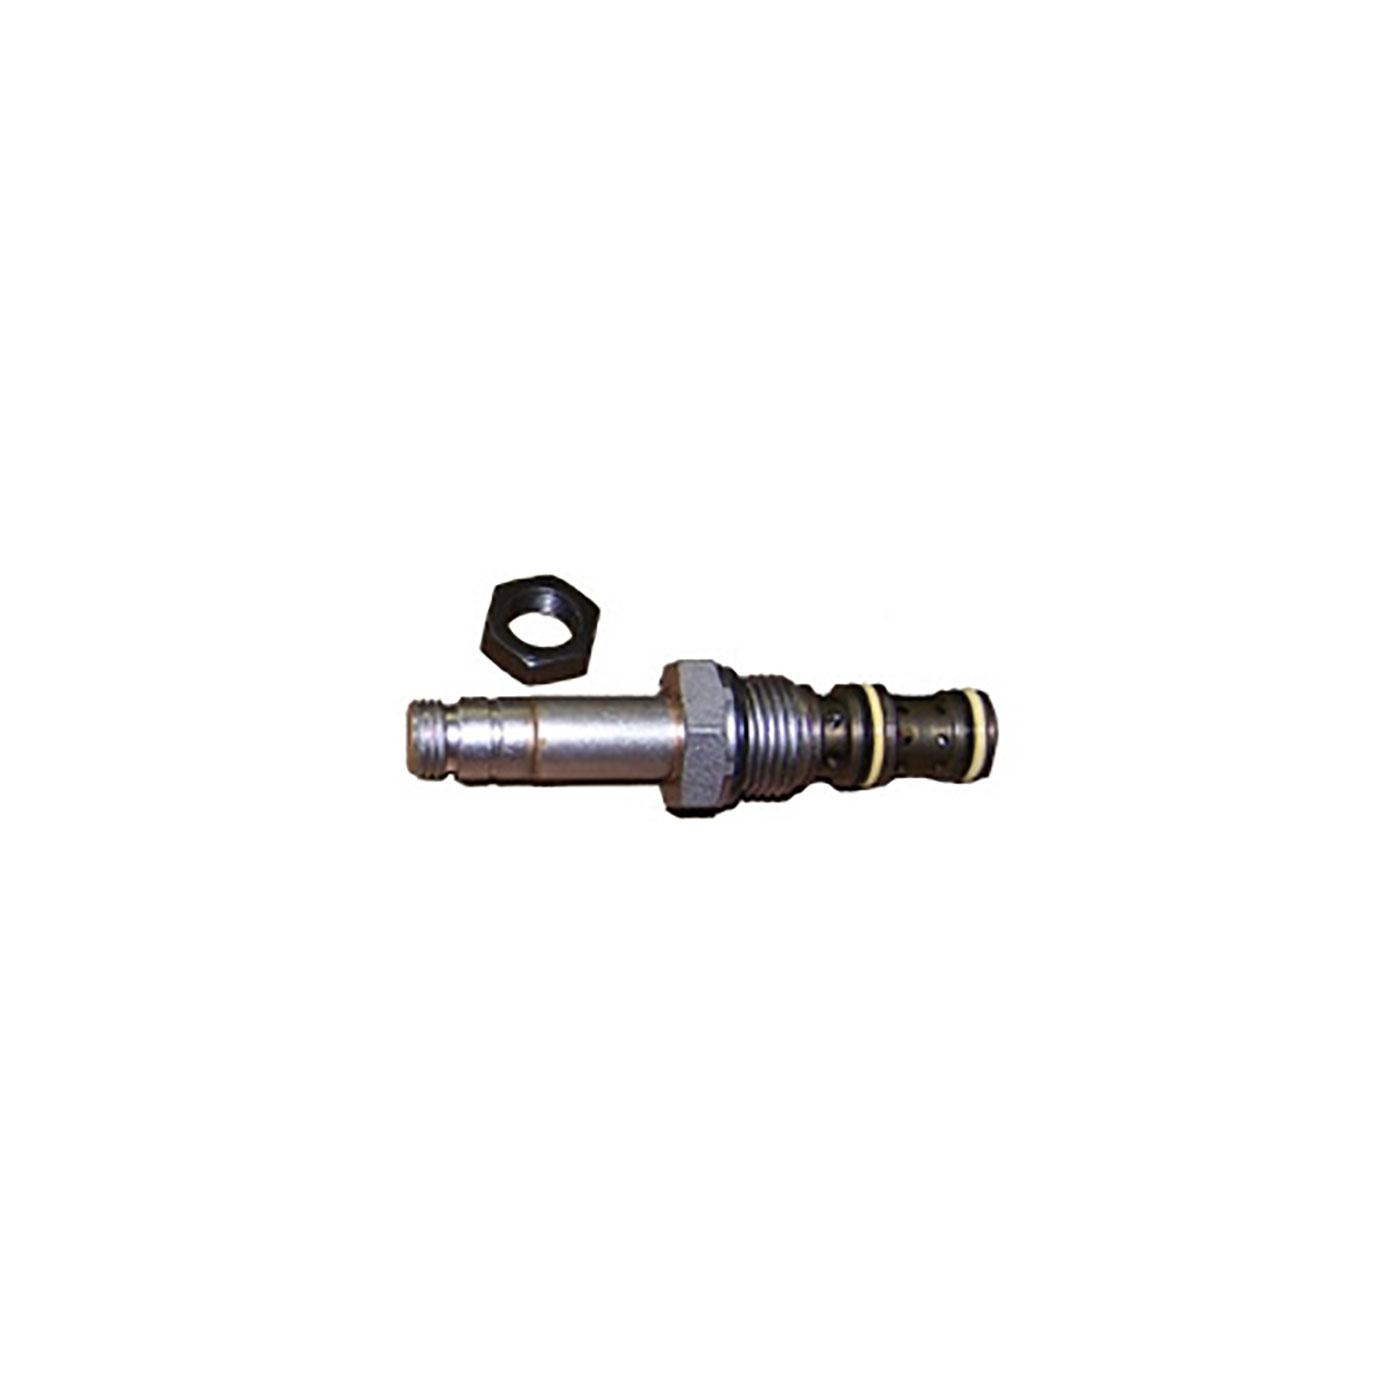 Cartridge 30 w/Nut (Western)